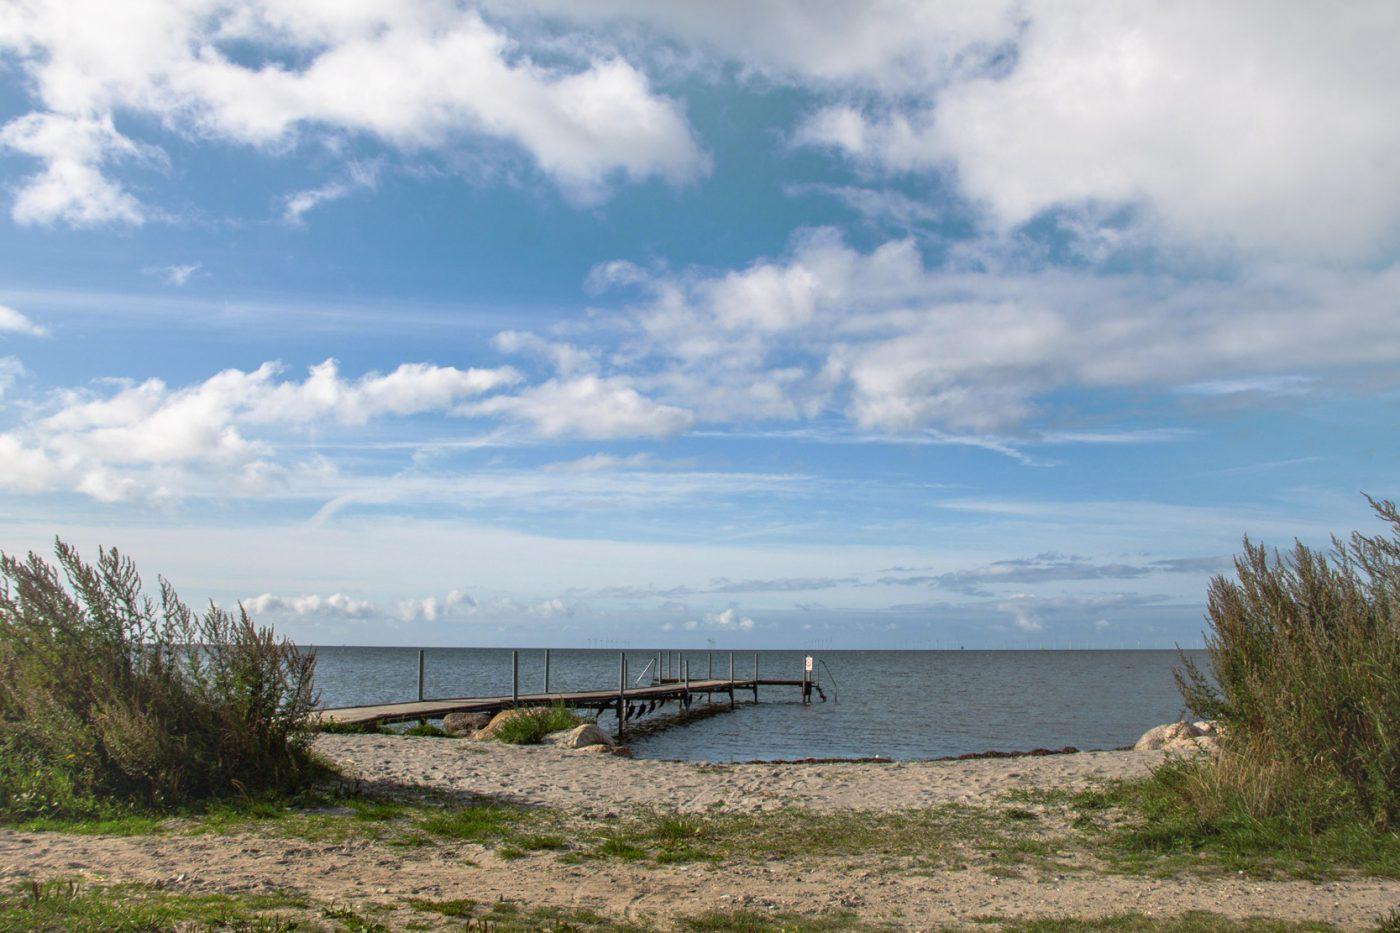 Uferland auf der Insel Lolland in Dänemark.